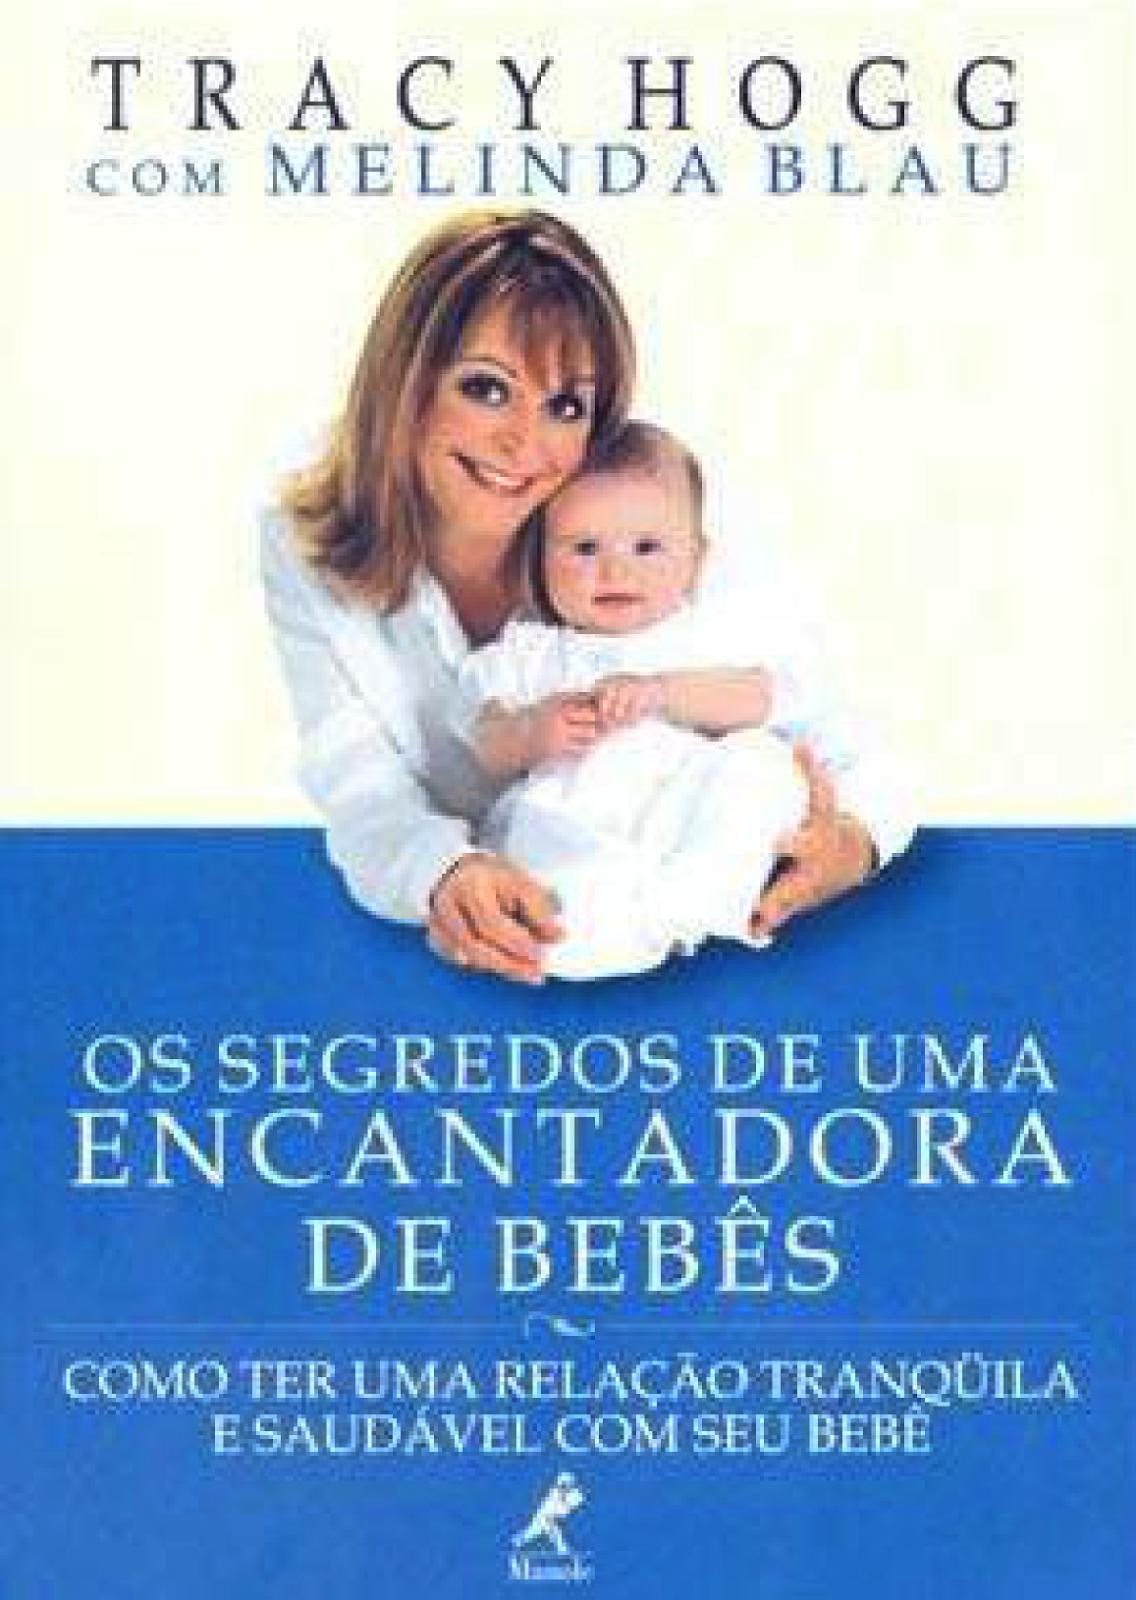 Os segredos de uma encantadora de bb | Mamae&Co - Part 3